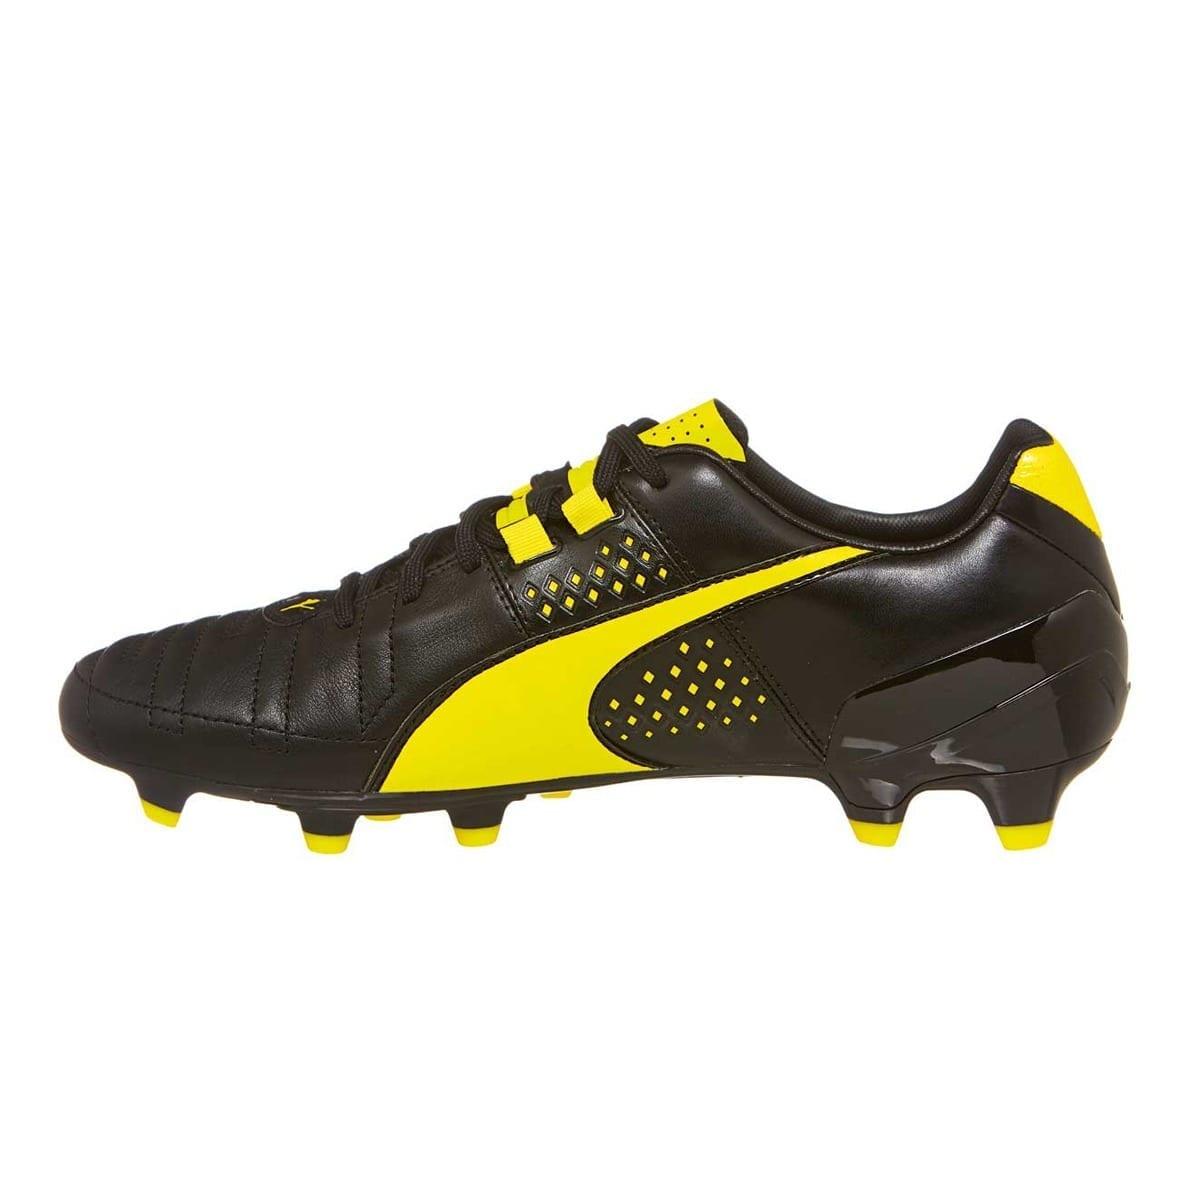 pas cher pour réduction 6b5fd a80df Puma Spirit II FG boots (Black/Yellow)